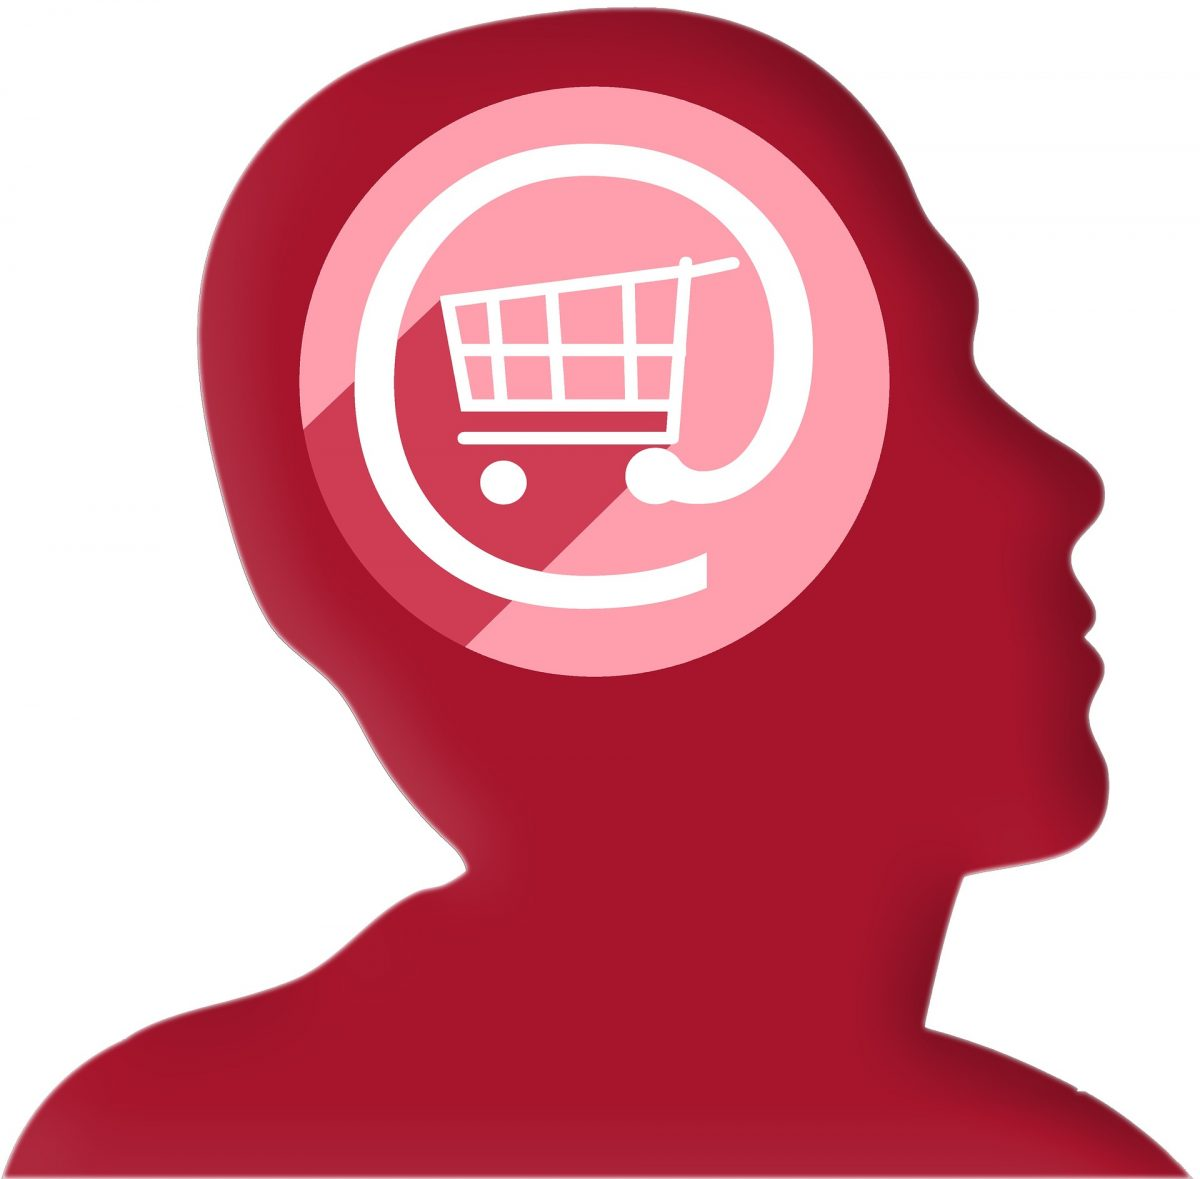 emotionale Kaufentscheidung, Durch Interesse Pro-aktives-einkaufen wecken!